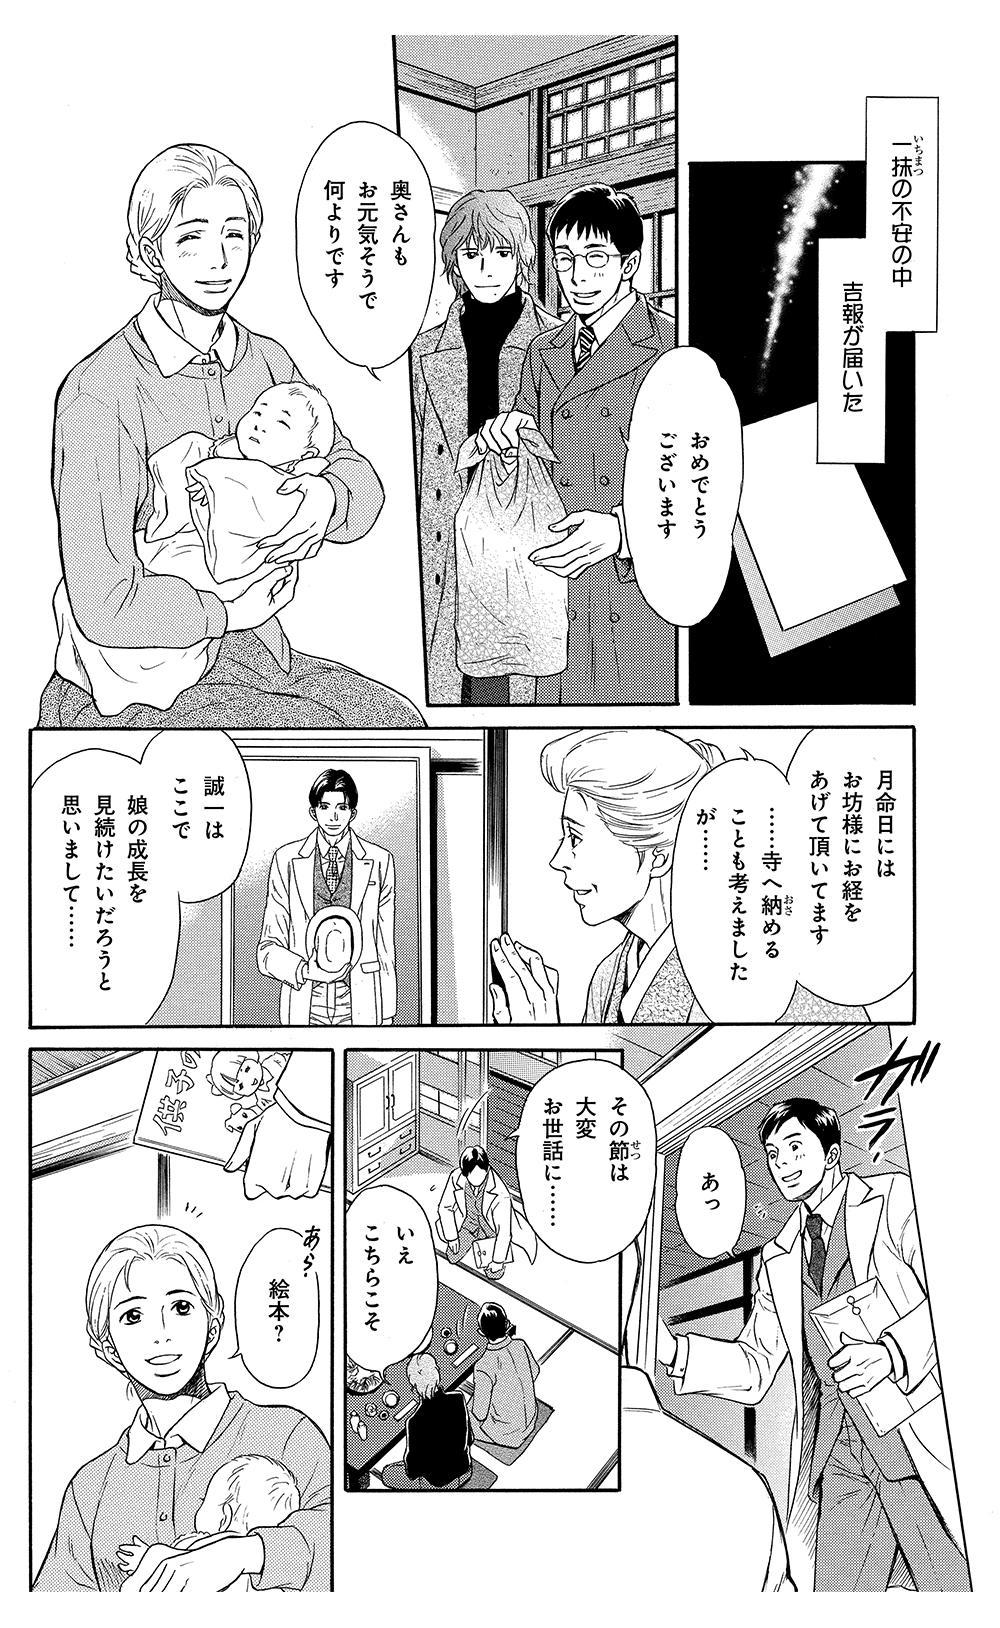 鵼の絵師 第1話「鵼の絵師」②nue-1-16.jpg